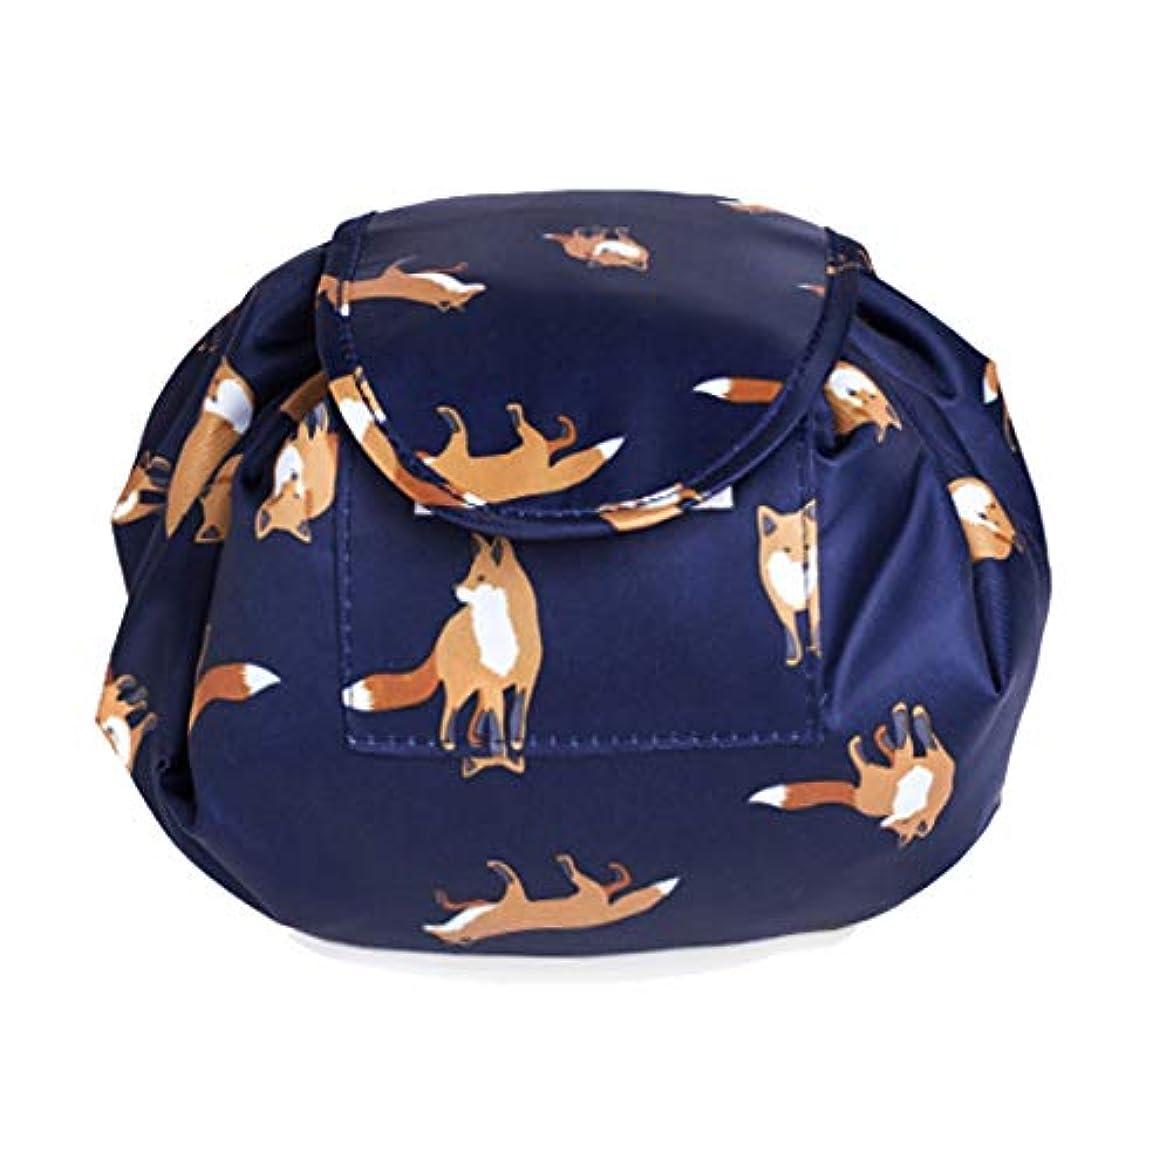 麦芽ヒロイン許容大容量 レイジーメイクアップトイレタリーバッグ 引きひも ポータブル 旅行 カジュアル 防水 クイック 魔法 化粧品収納バッグ 女性にぴったり (狐)